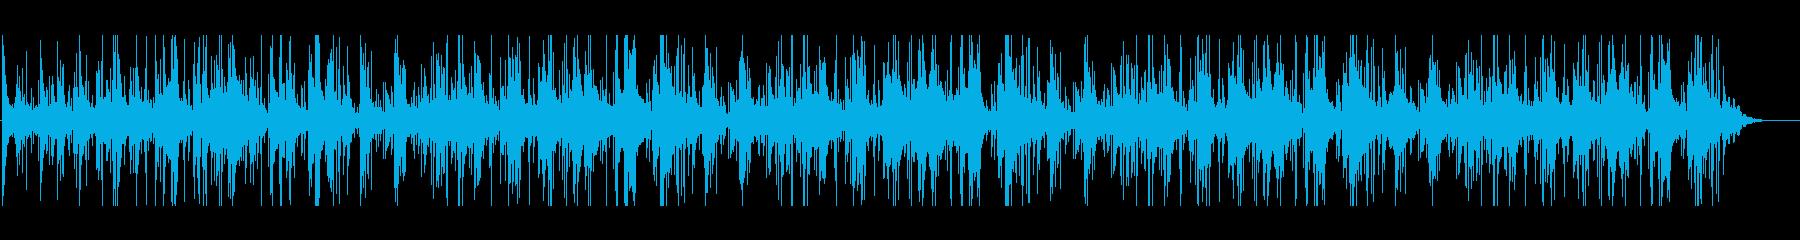 哀愁漂うメロディーが印象的なジャズの再生済みの波形